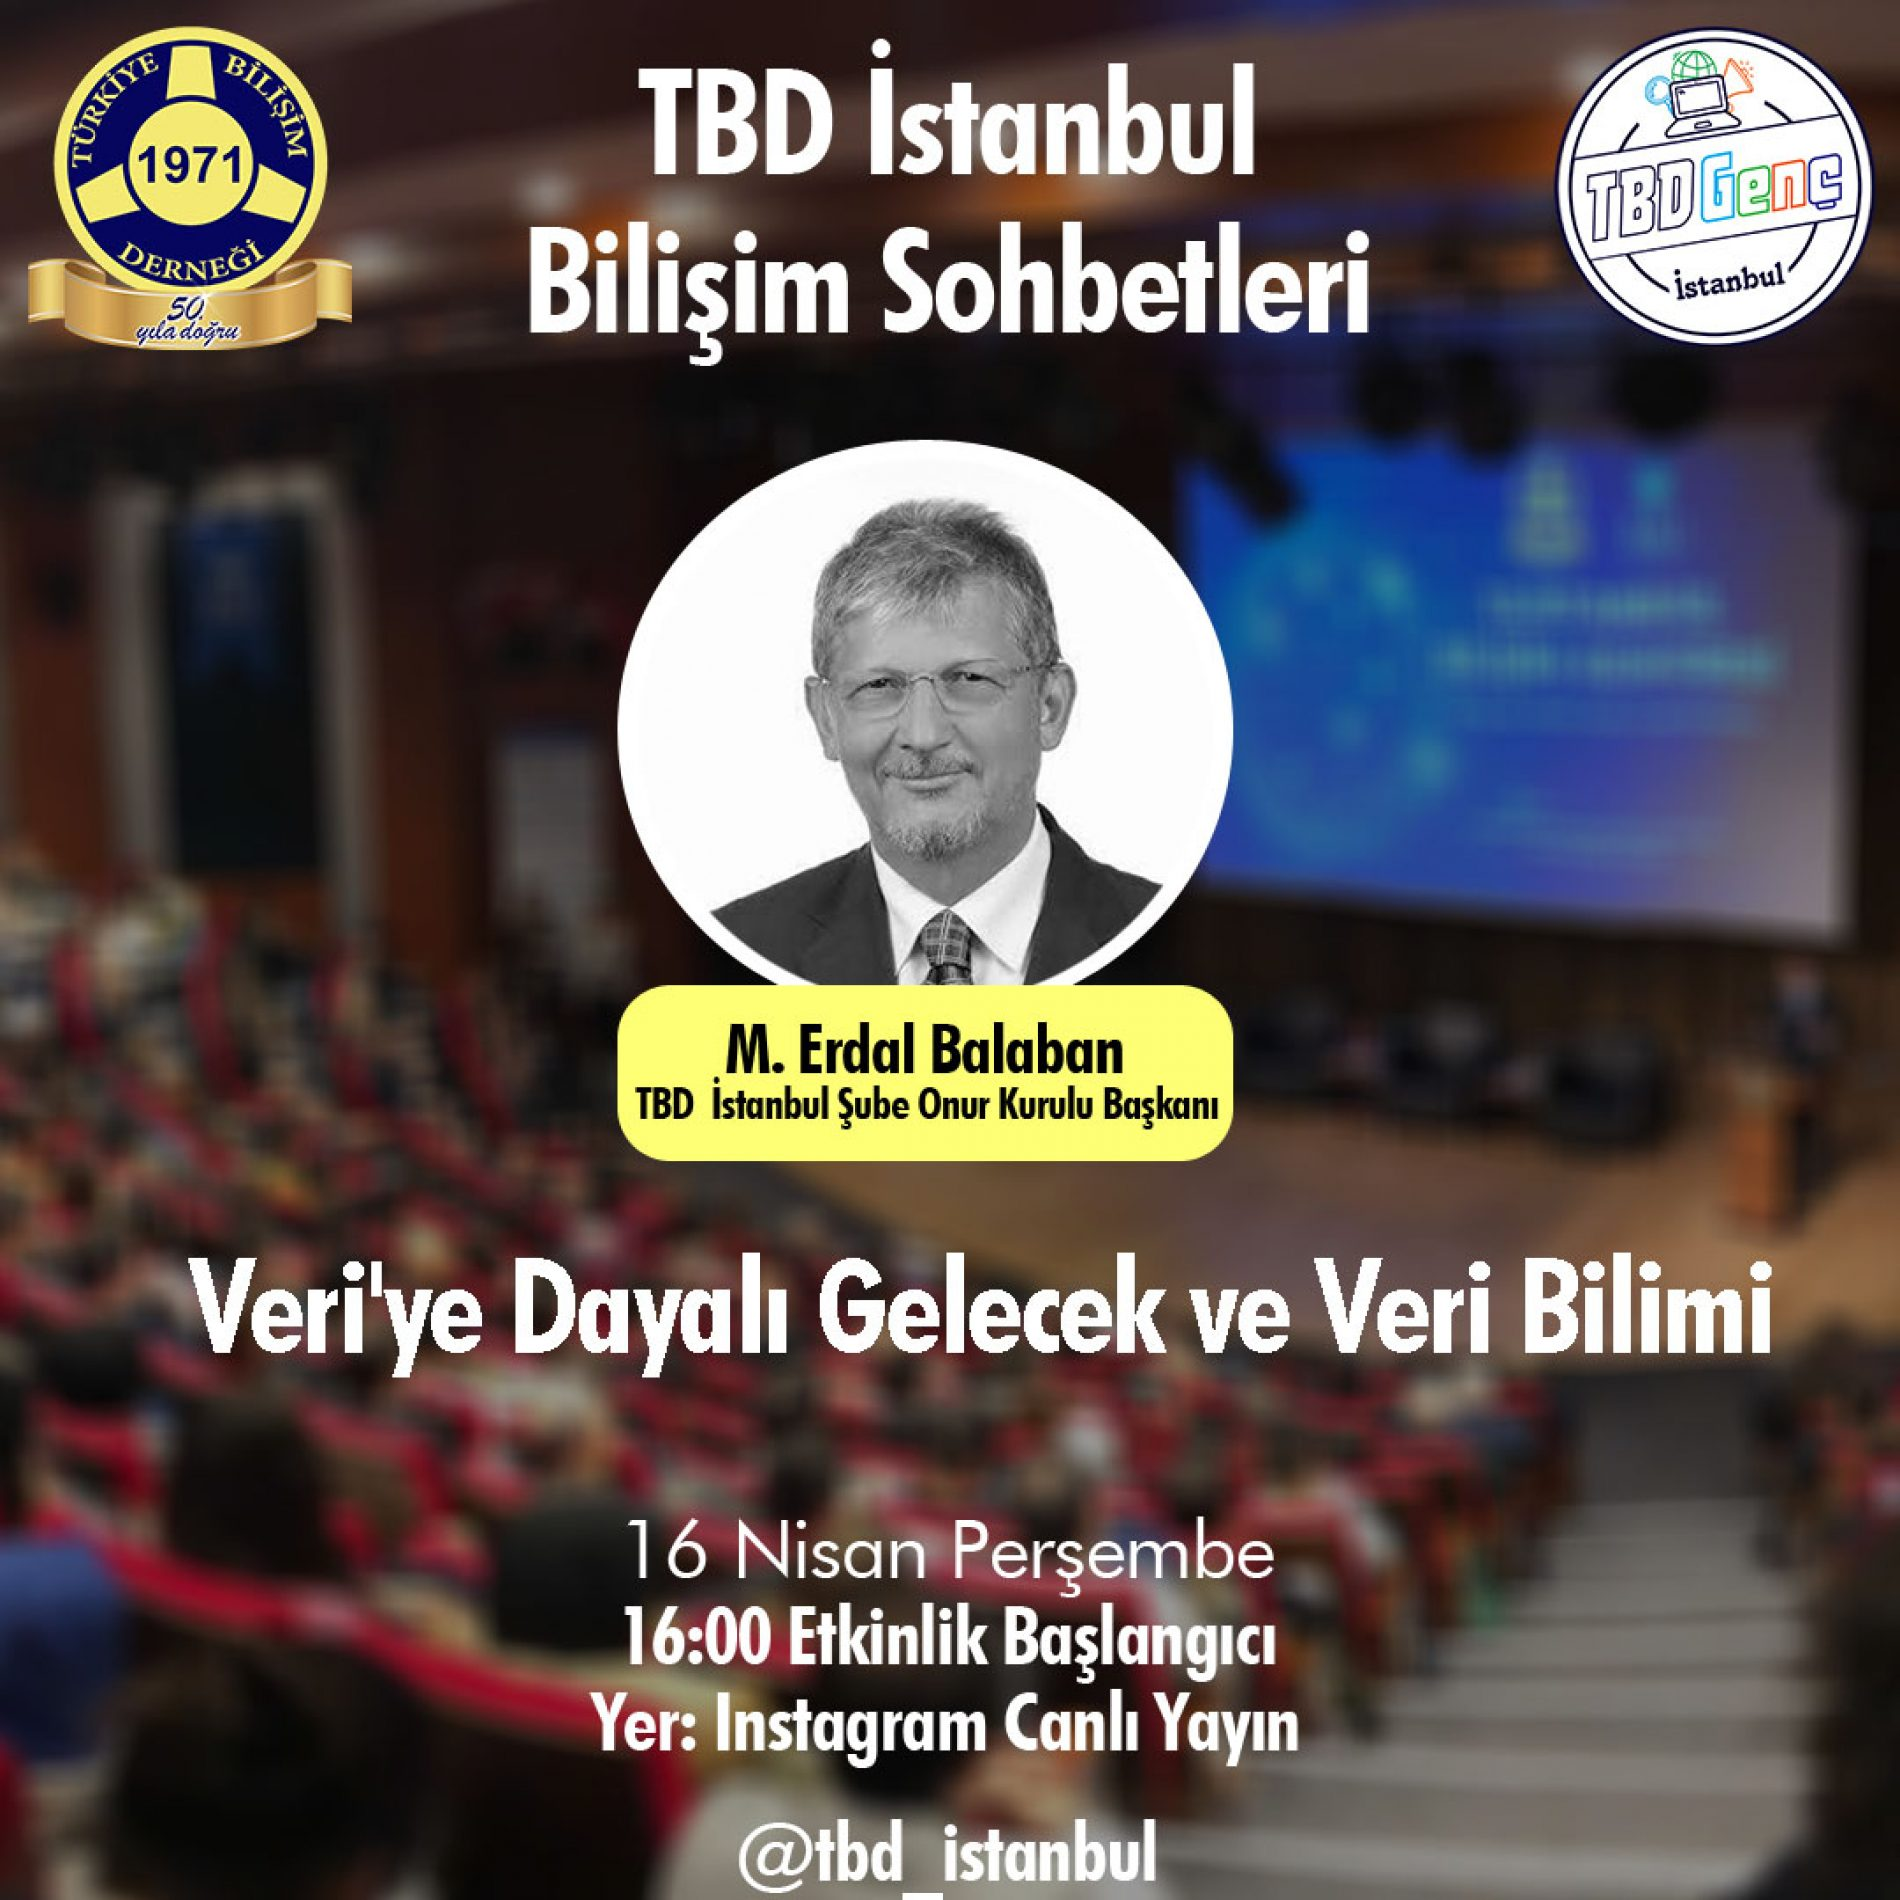 TBD İstanbul Şubesi Bilişim Sohbetleri: Veri' ye Dayalı Gelecek ve Veri Bilimi